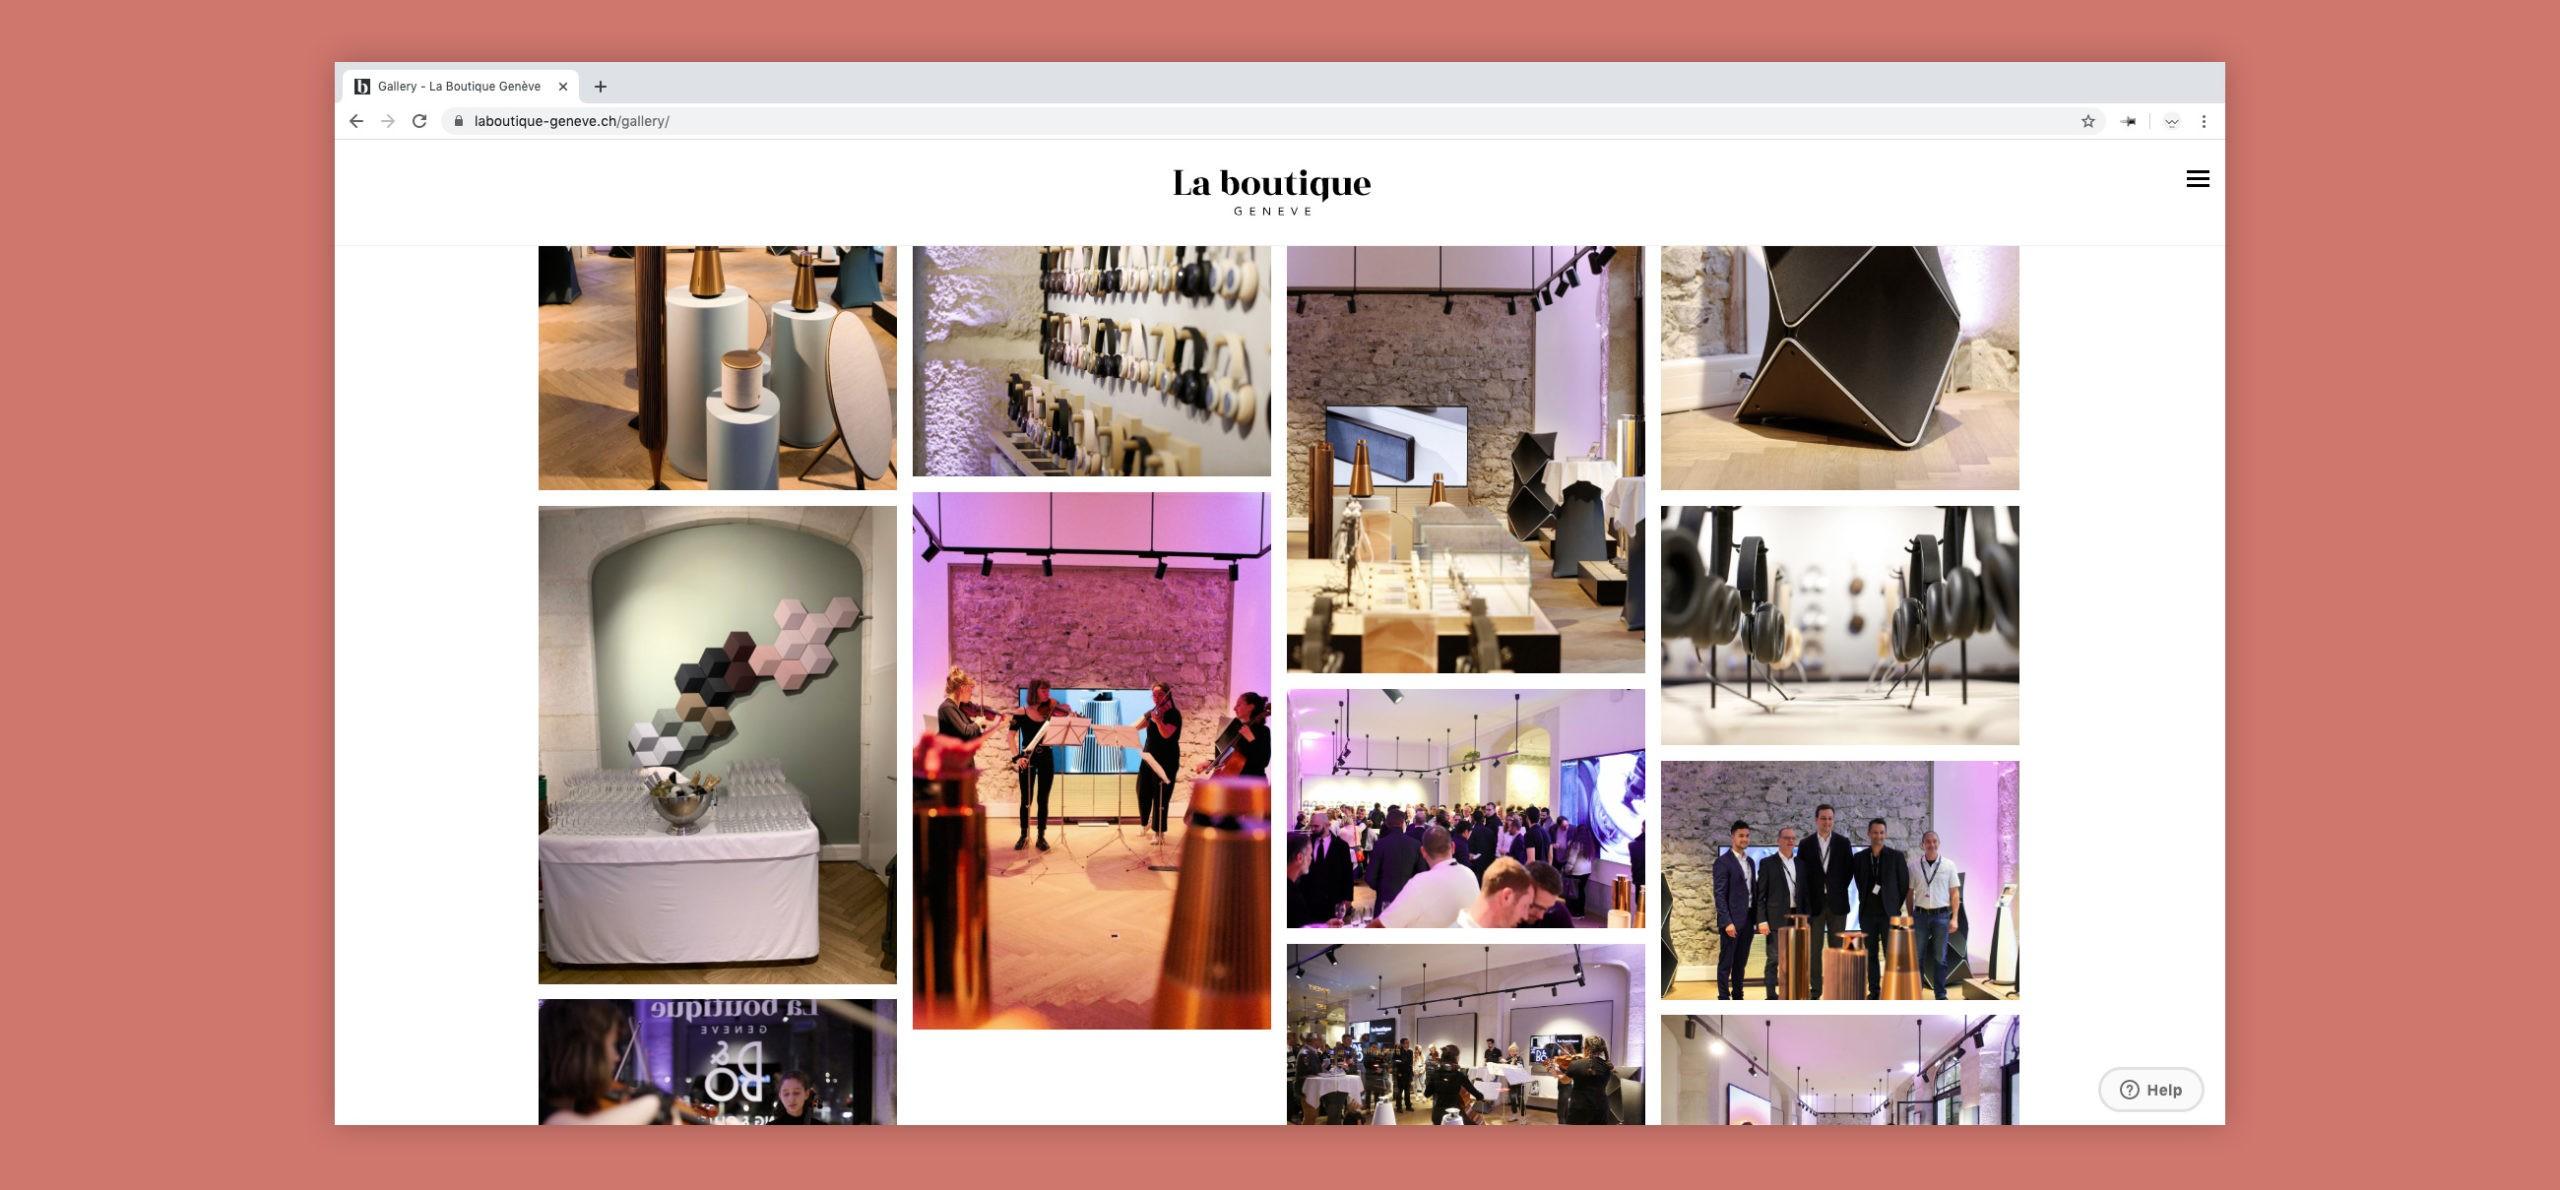 Site web de La Boutique sur la page galerie